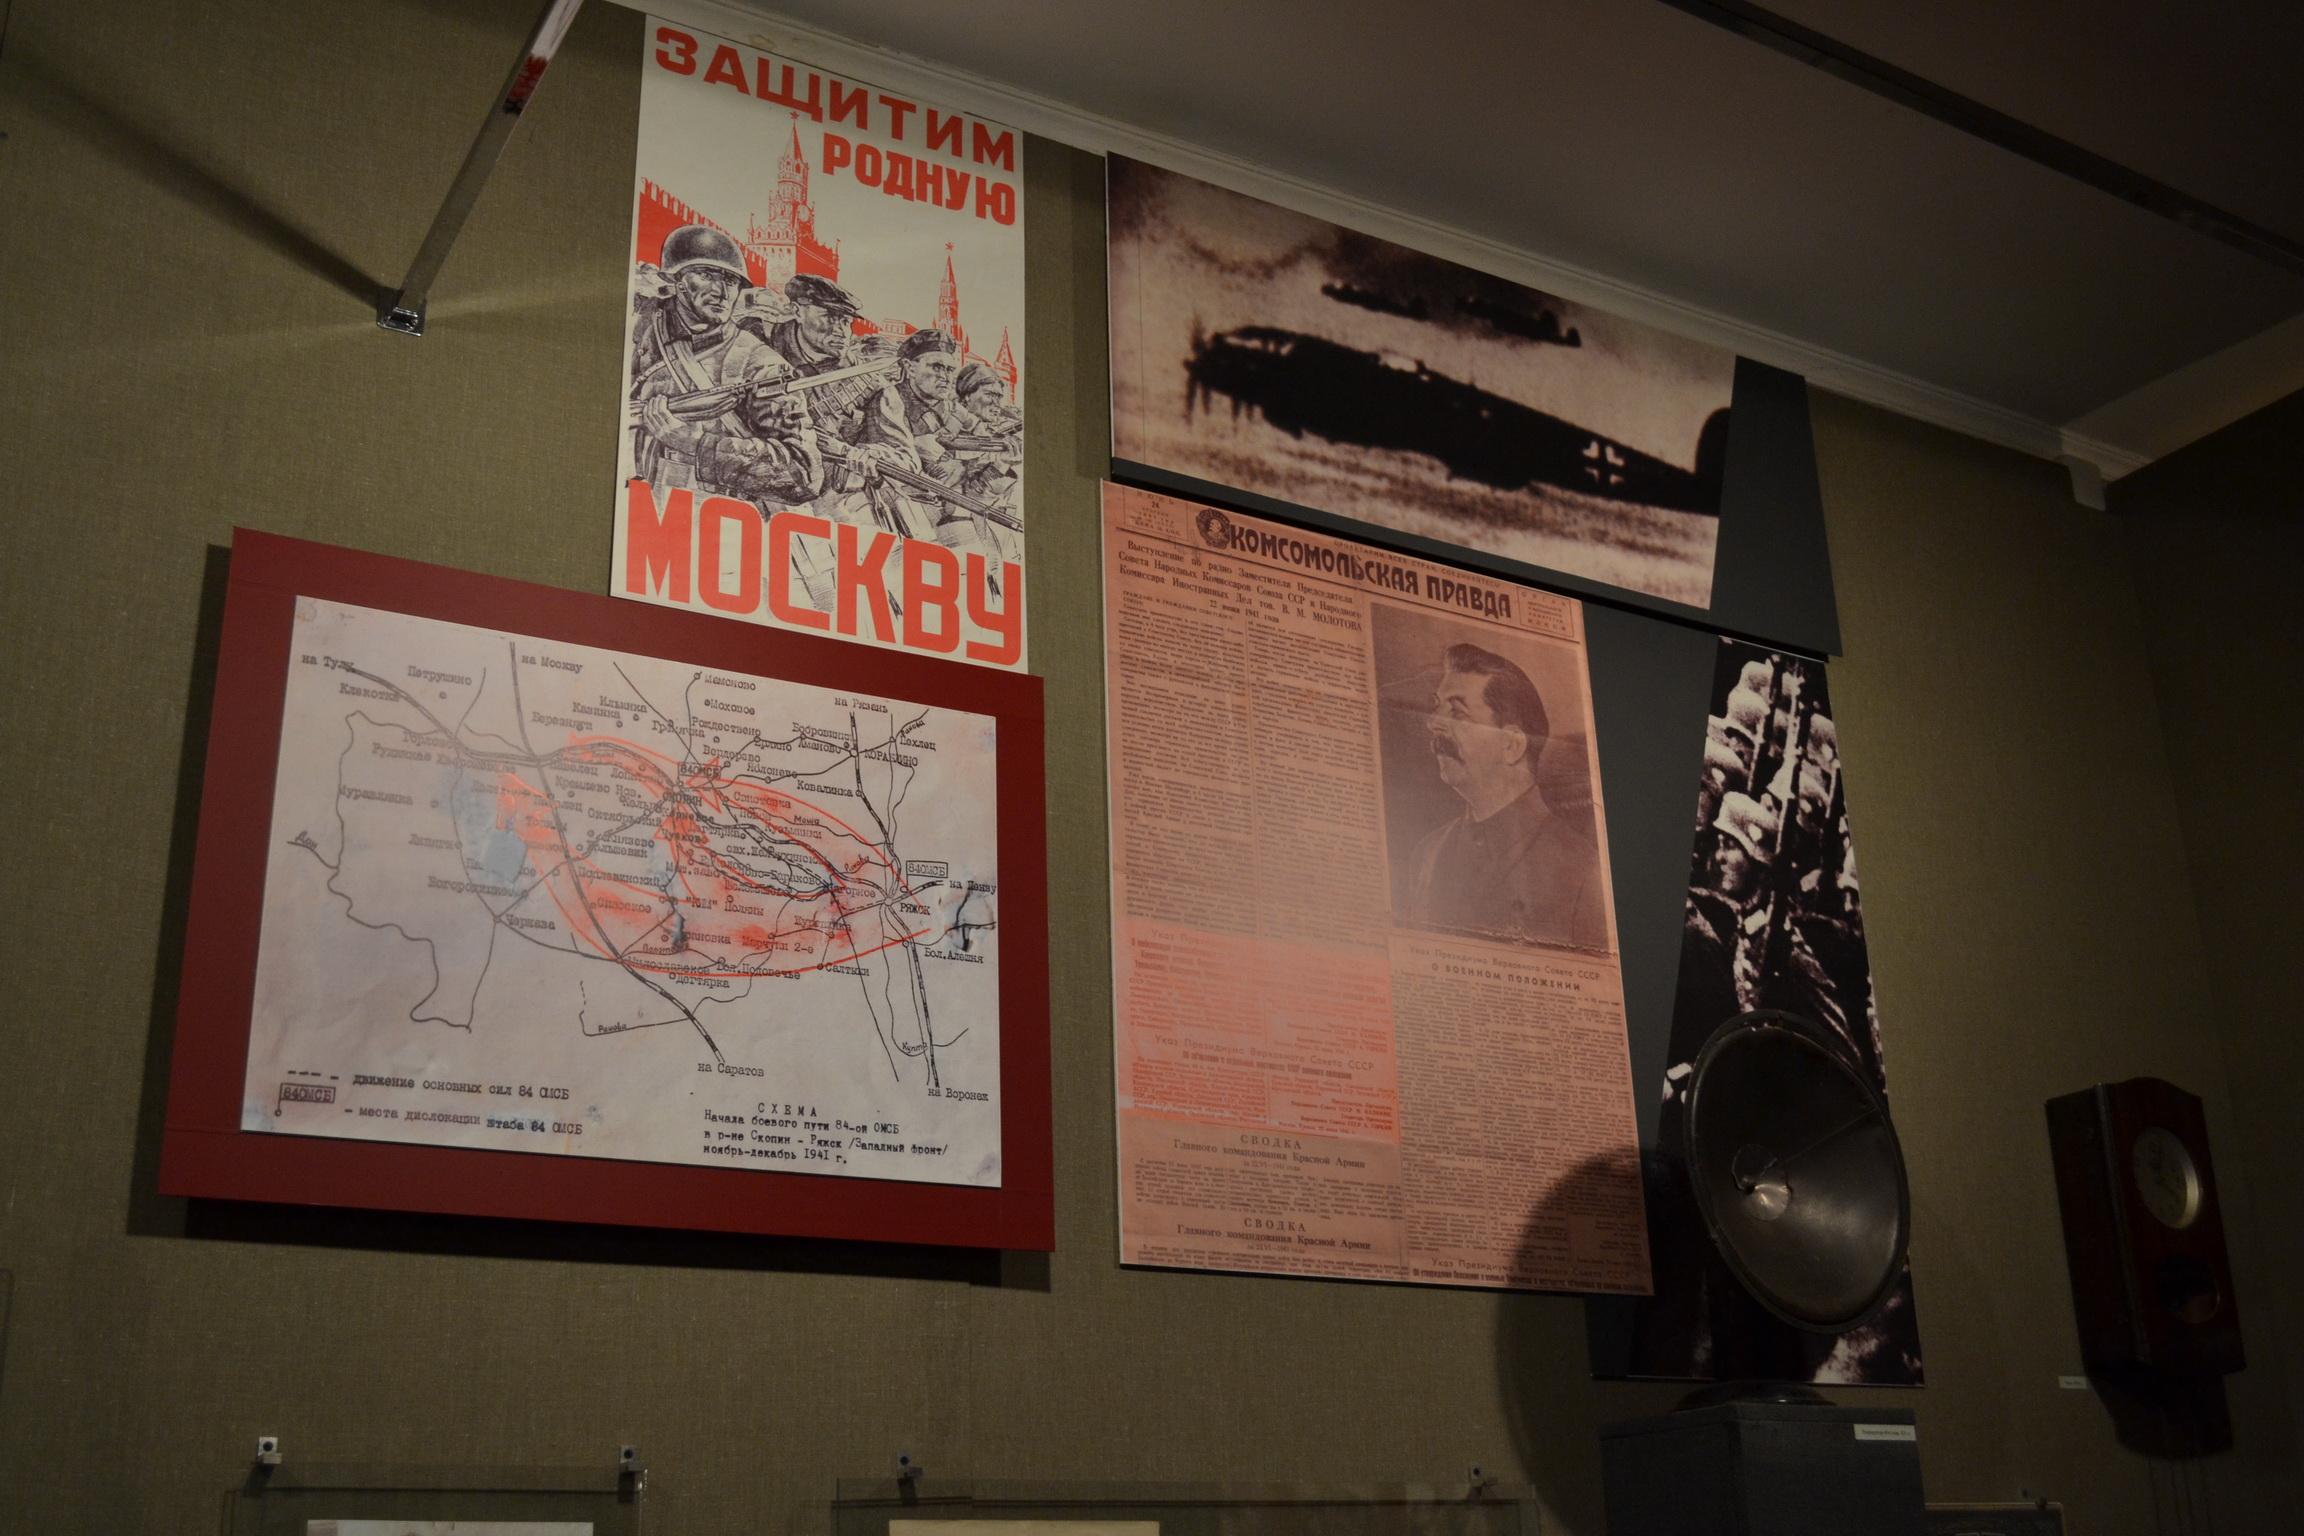 Московская битва — это совокупность оборонительных и наступательных операций красной армии, проведенных с целью защитить москву и центральный промышленный район.